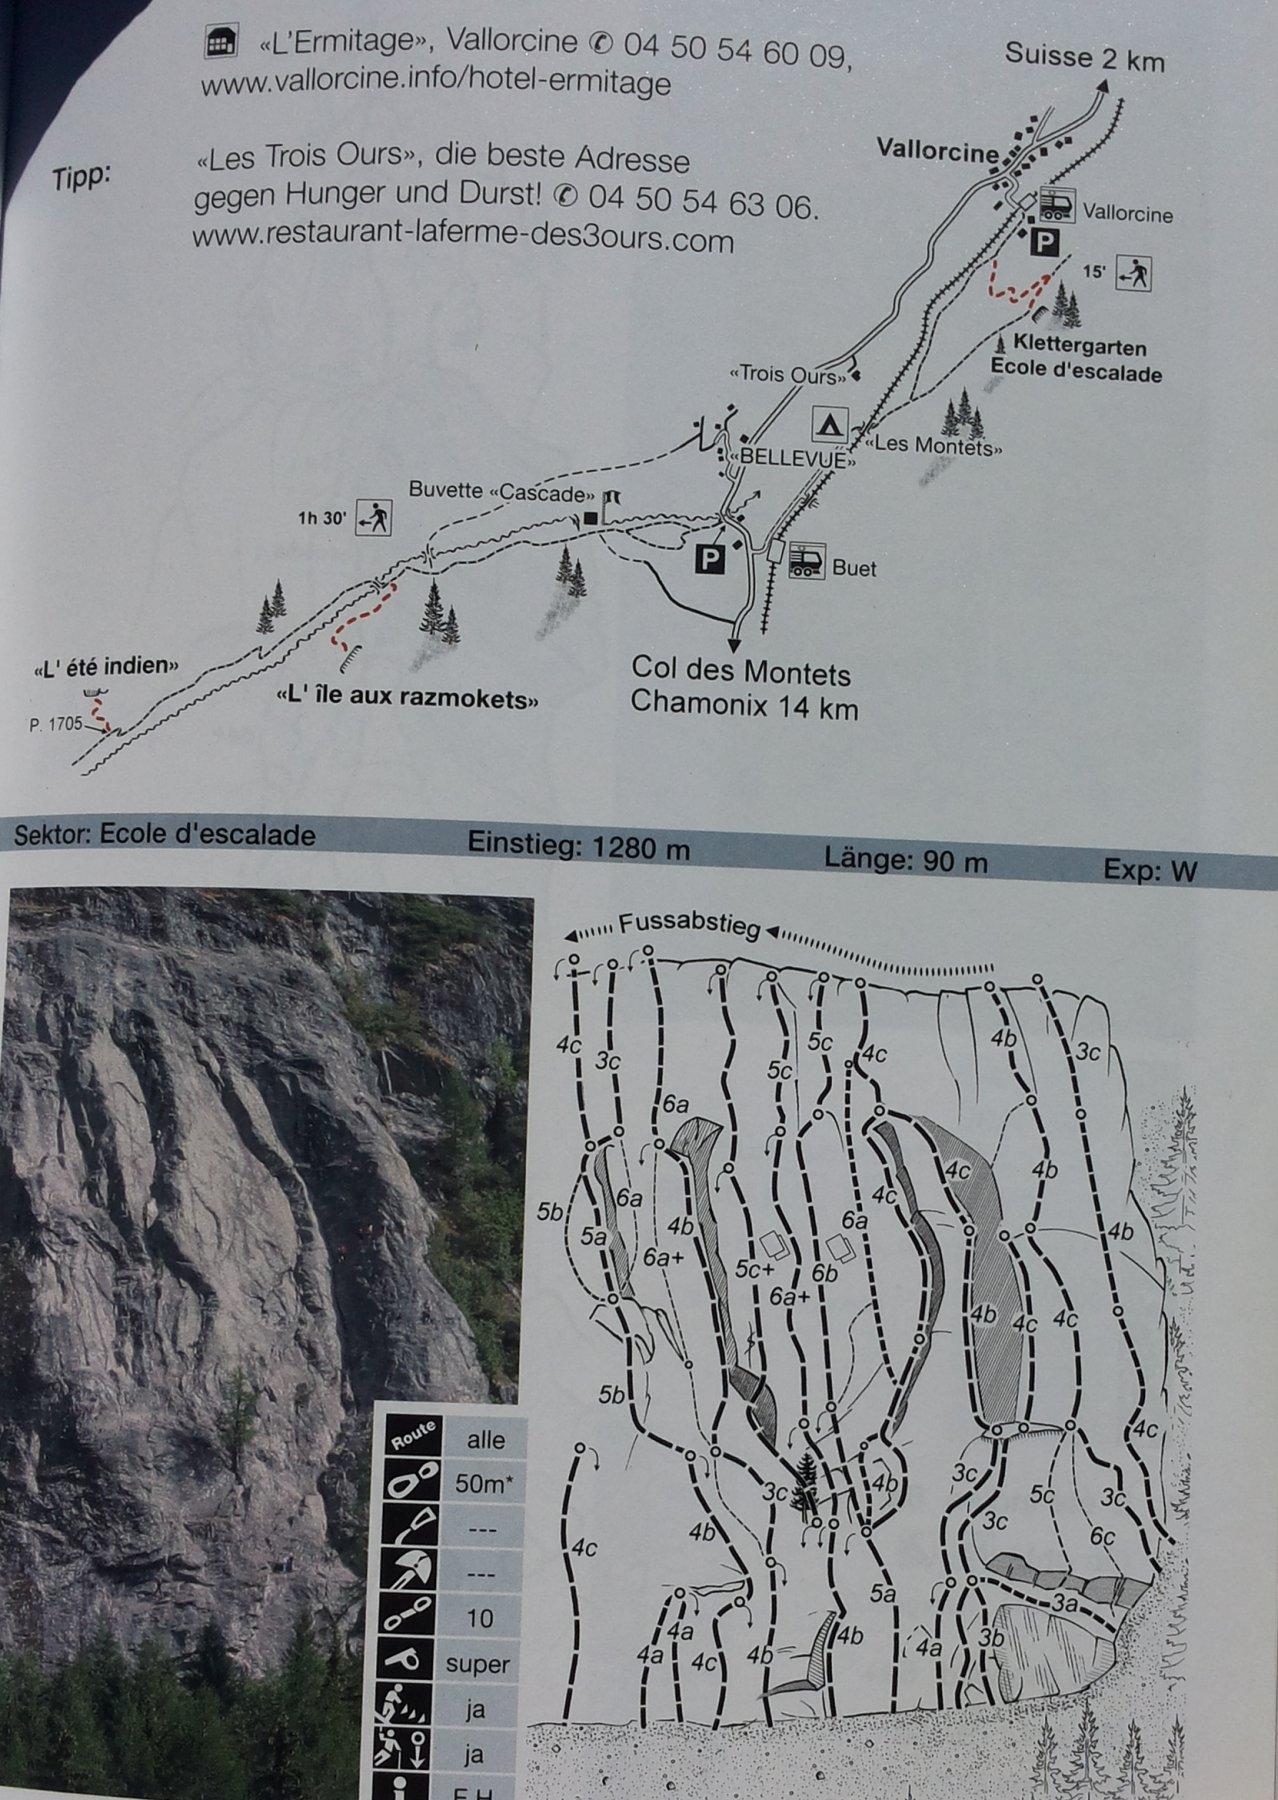 mappa dell'area e settore delle vie lunghe